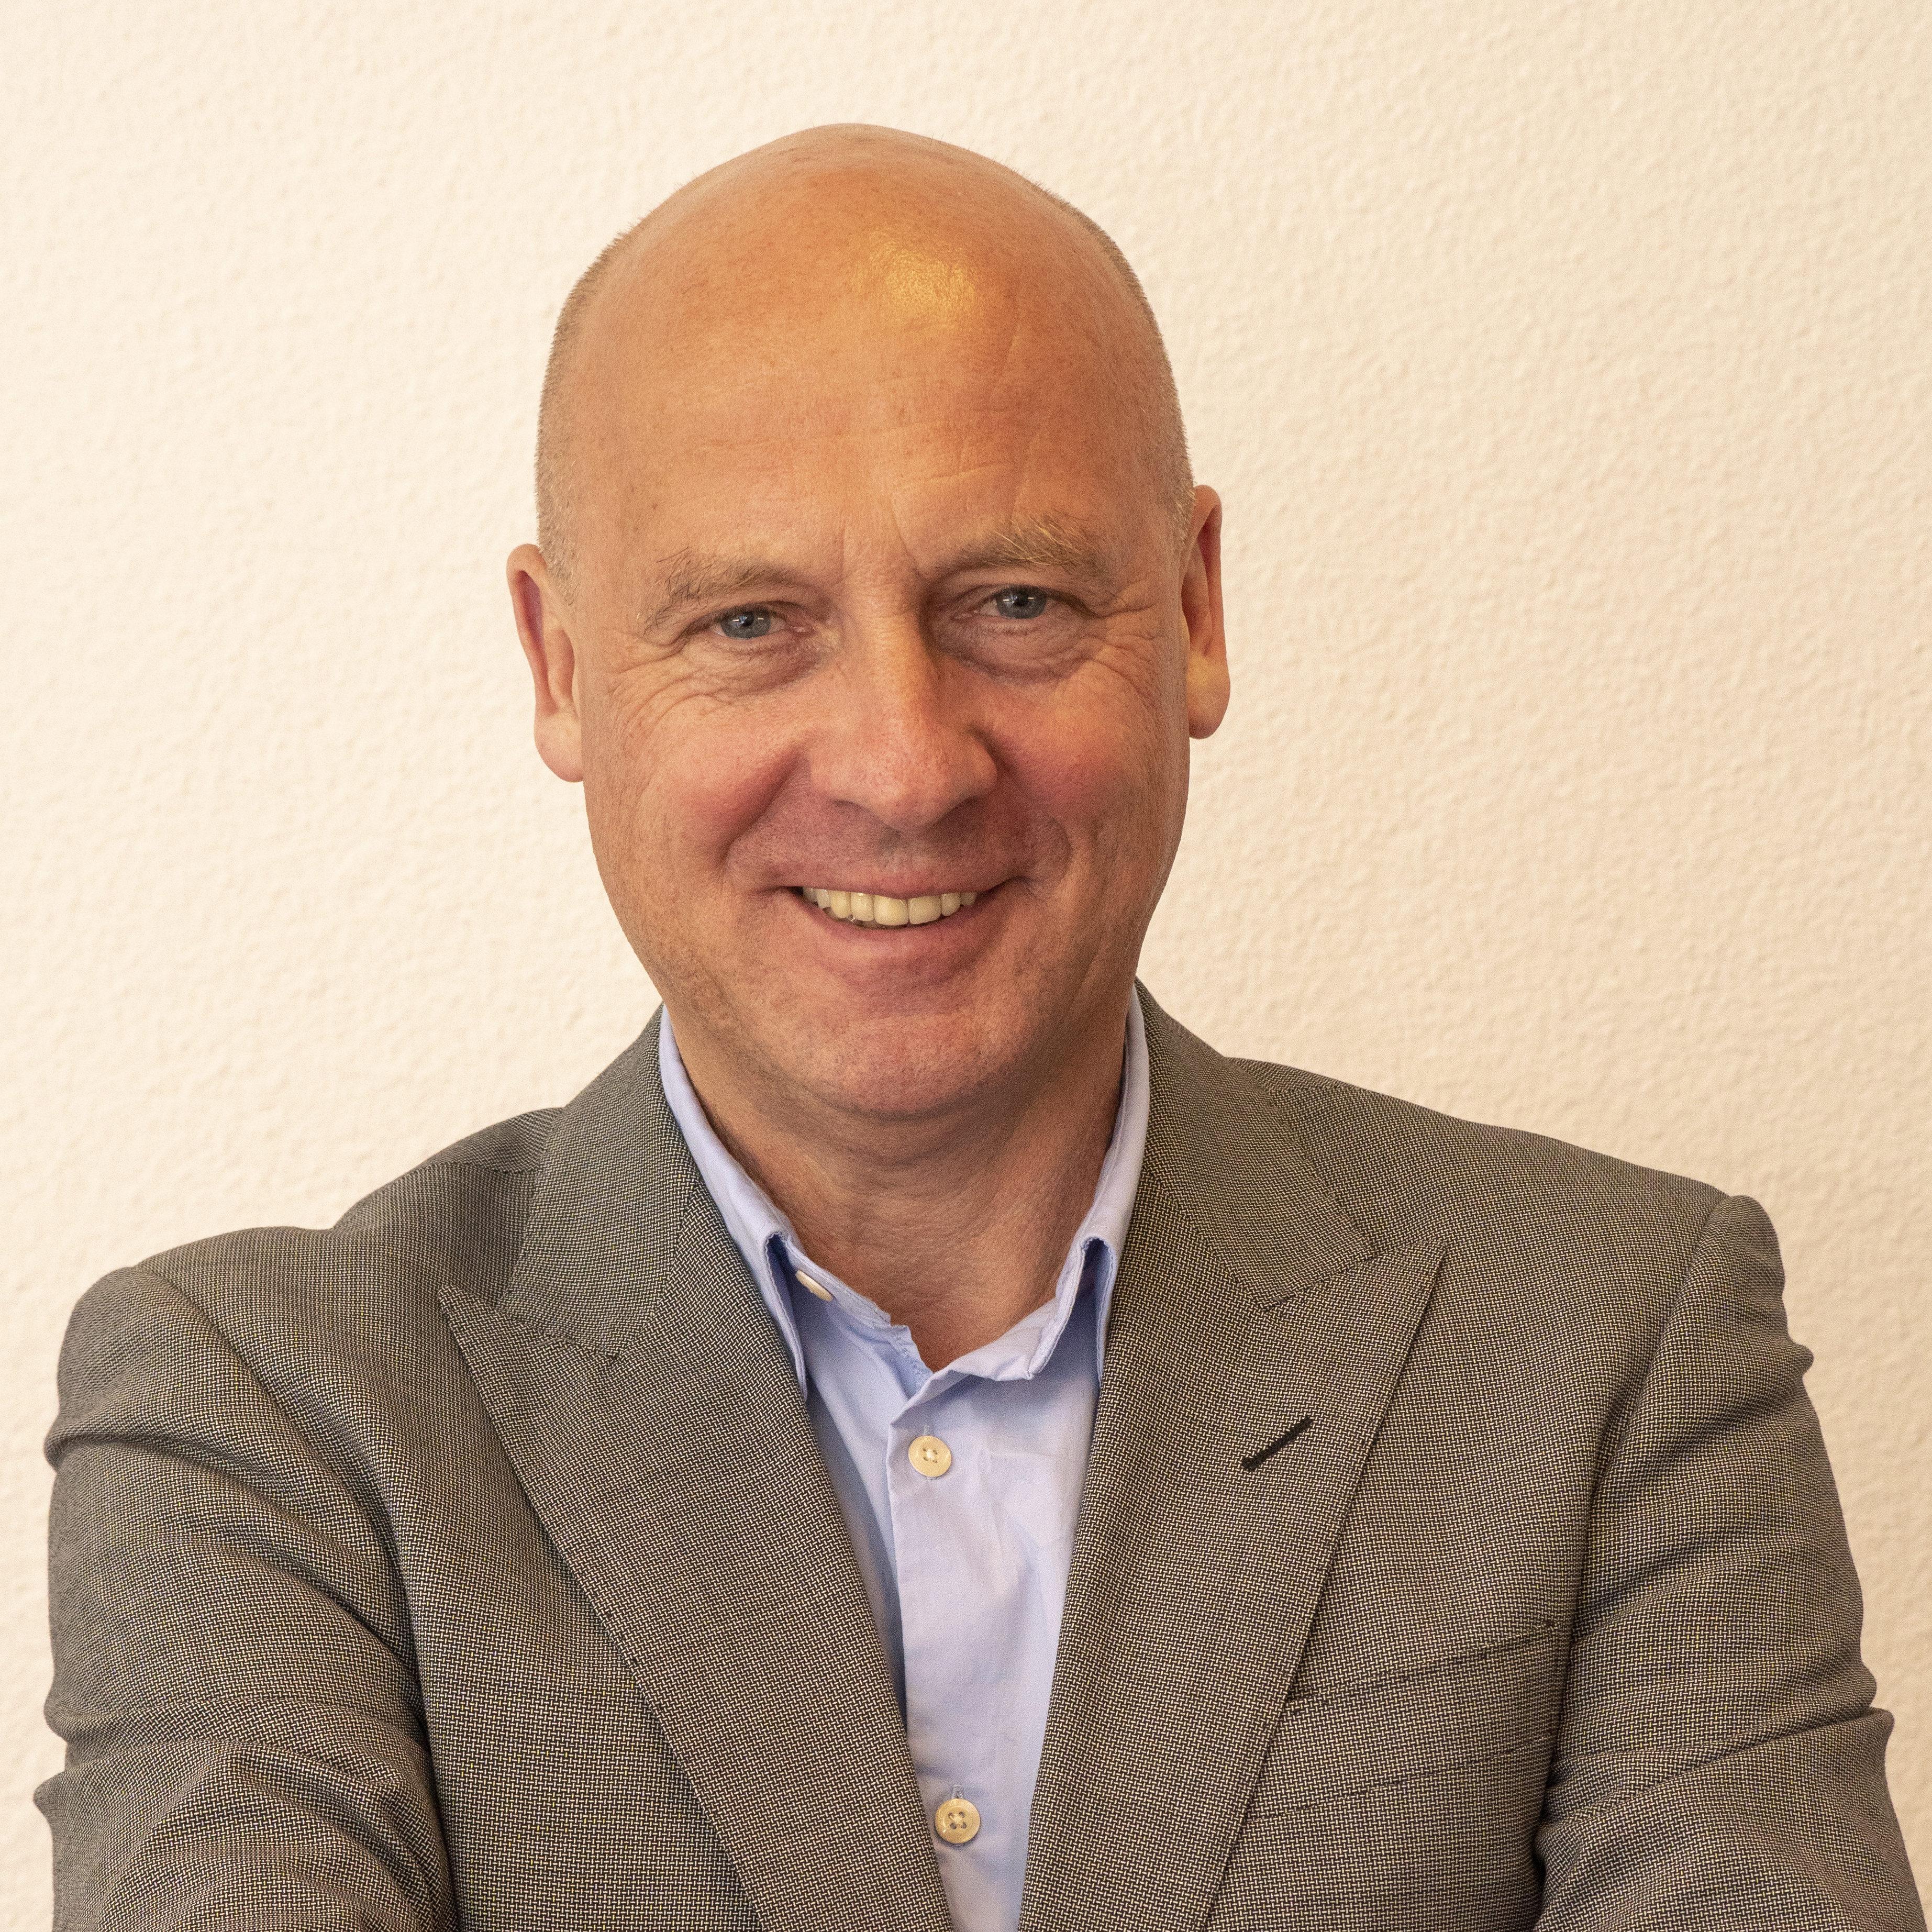 Willem van Raaijen